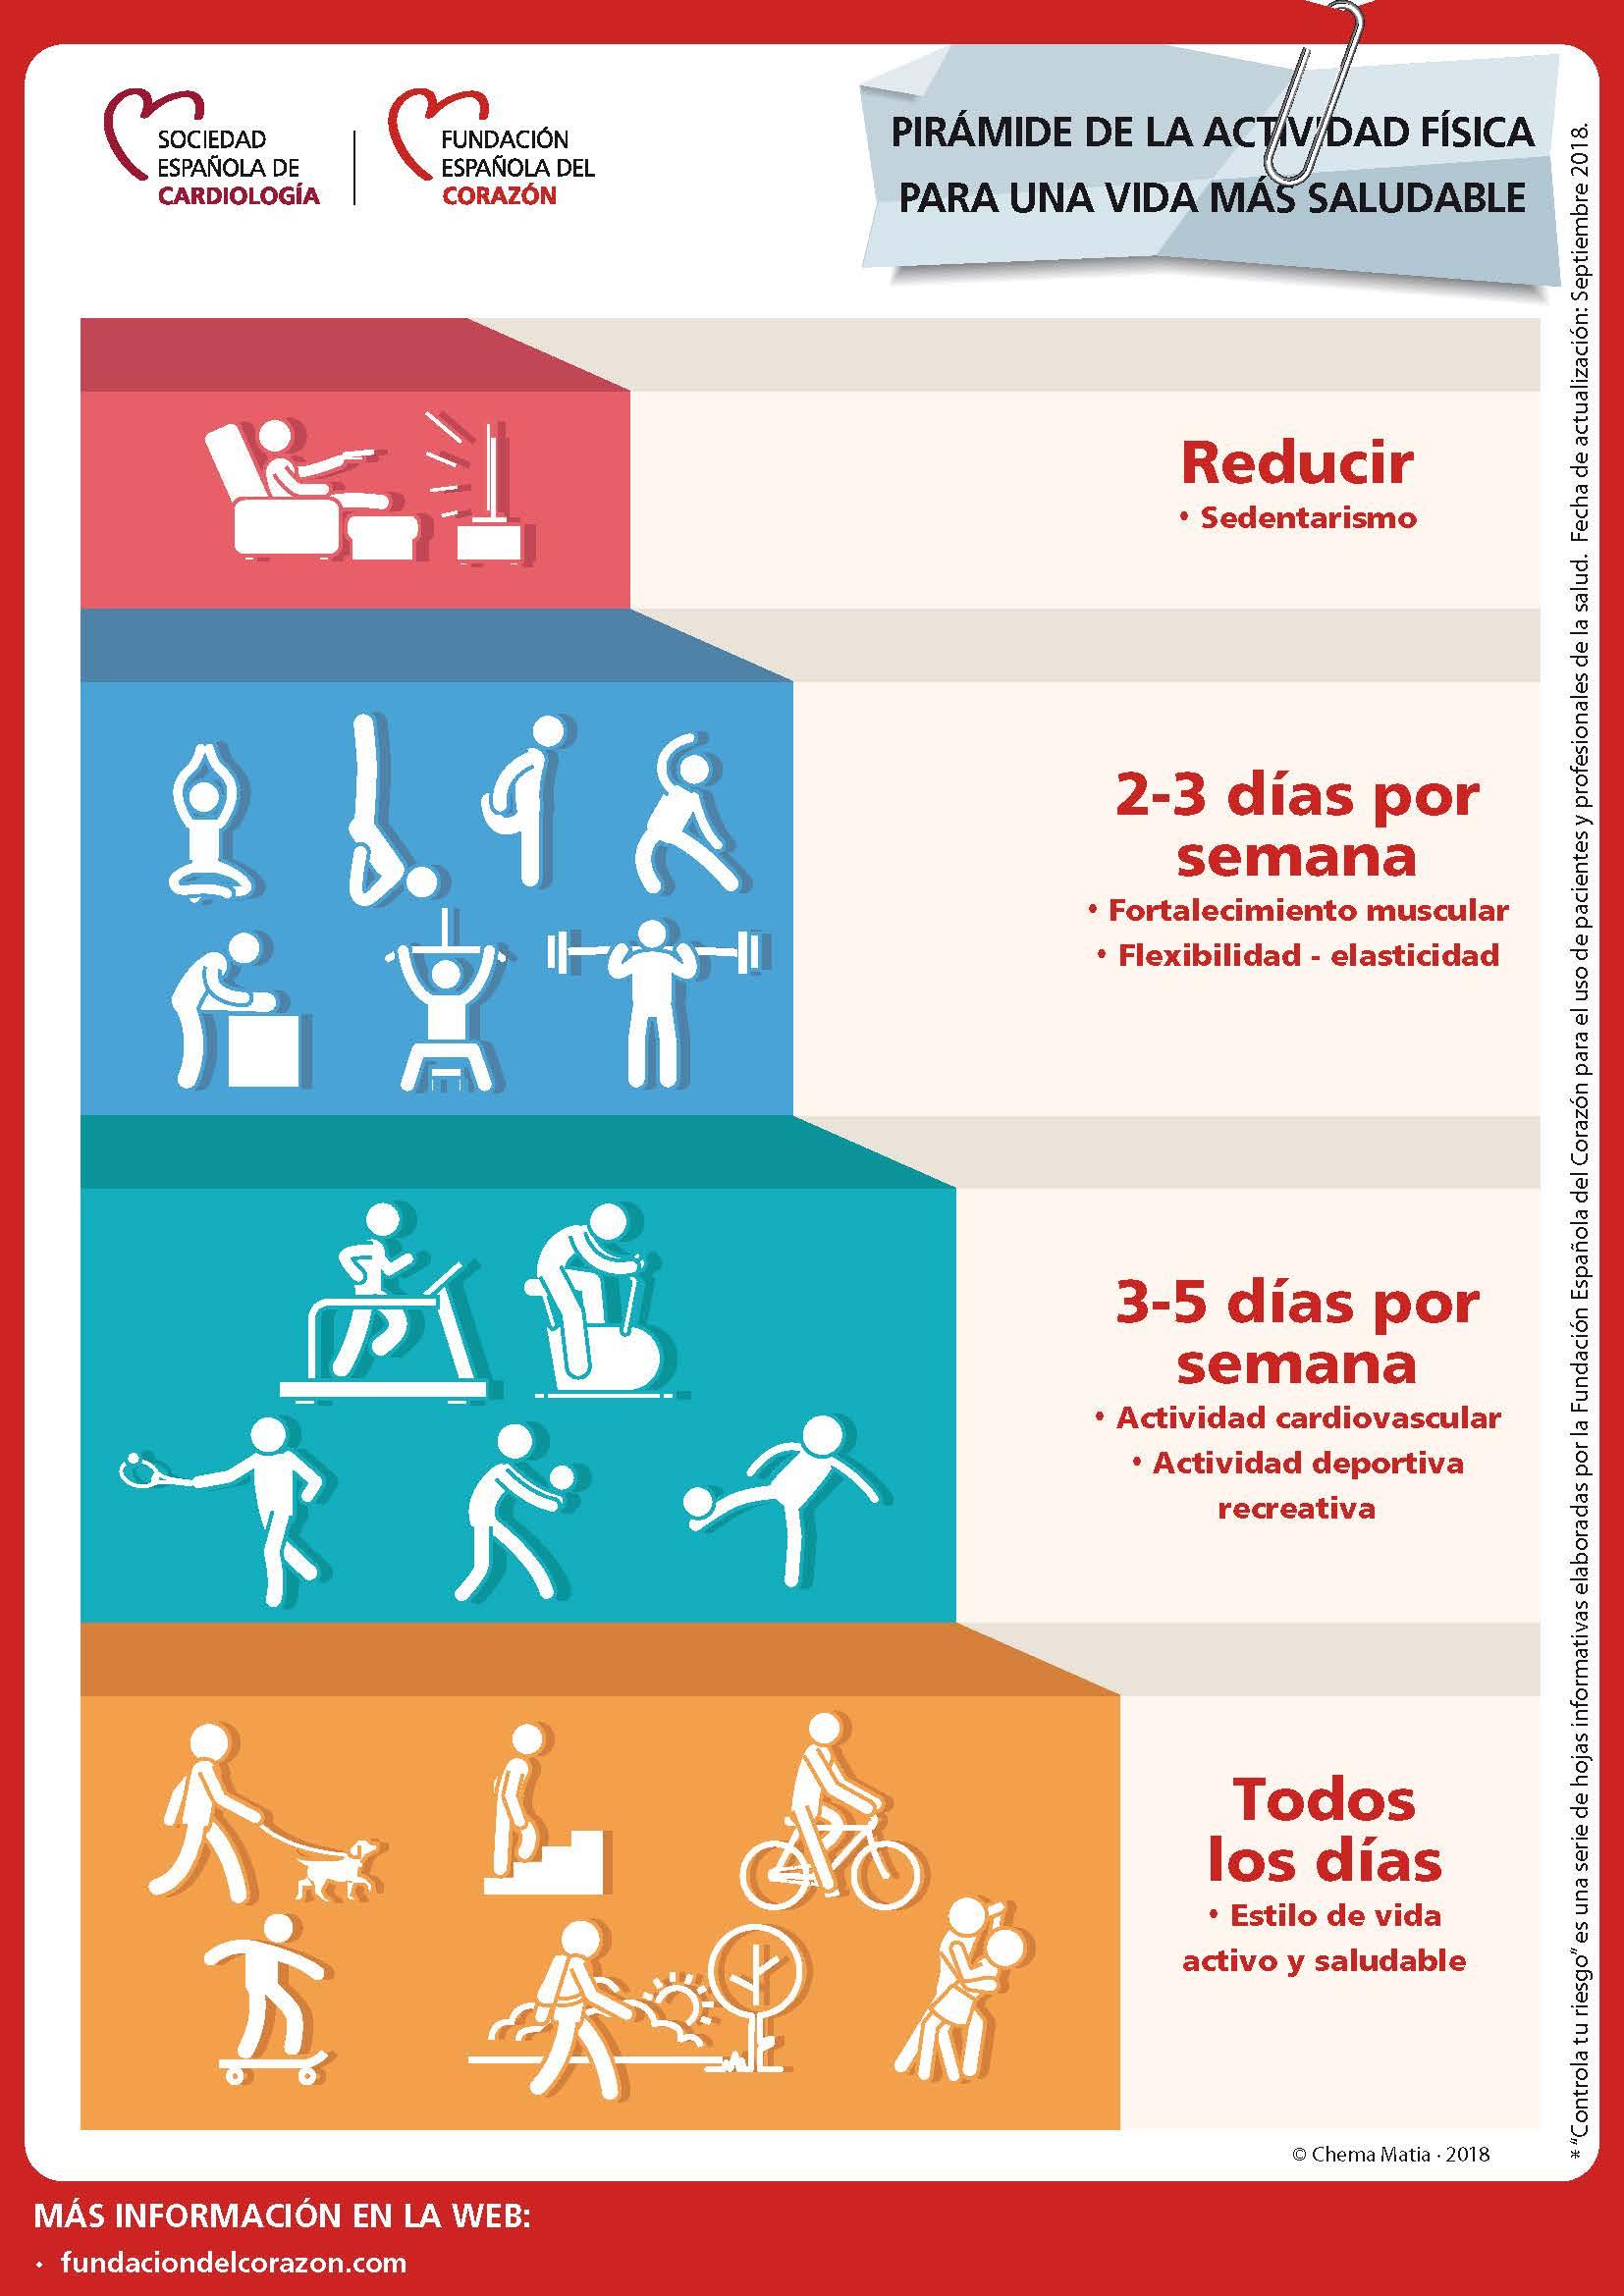 La Pirámide De La Actividad Física Fundación Española Del Corazón